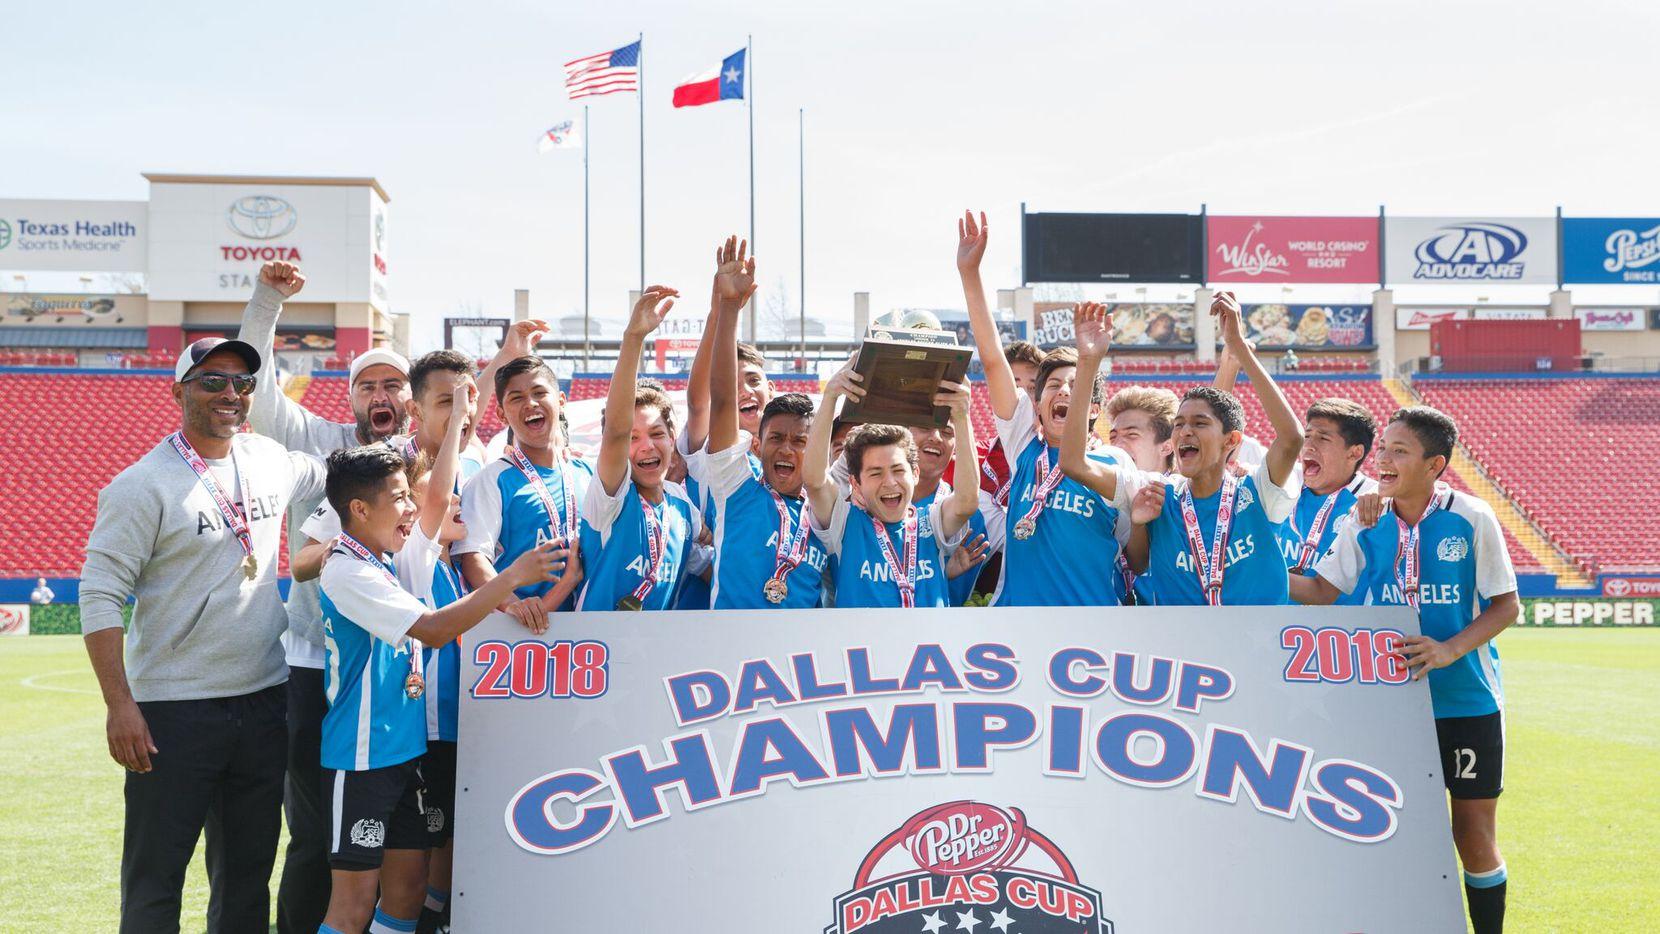 El equipo Angeles Soccer Elite, U14, campeones de la Dallas Cup en 2018.